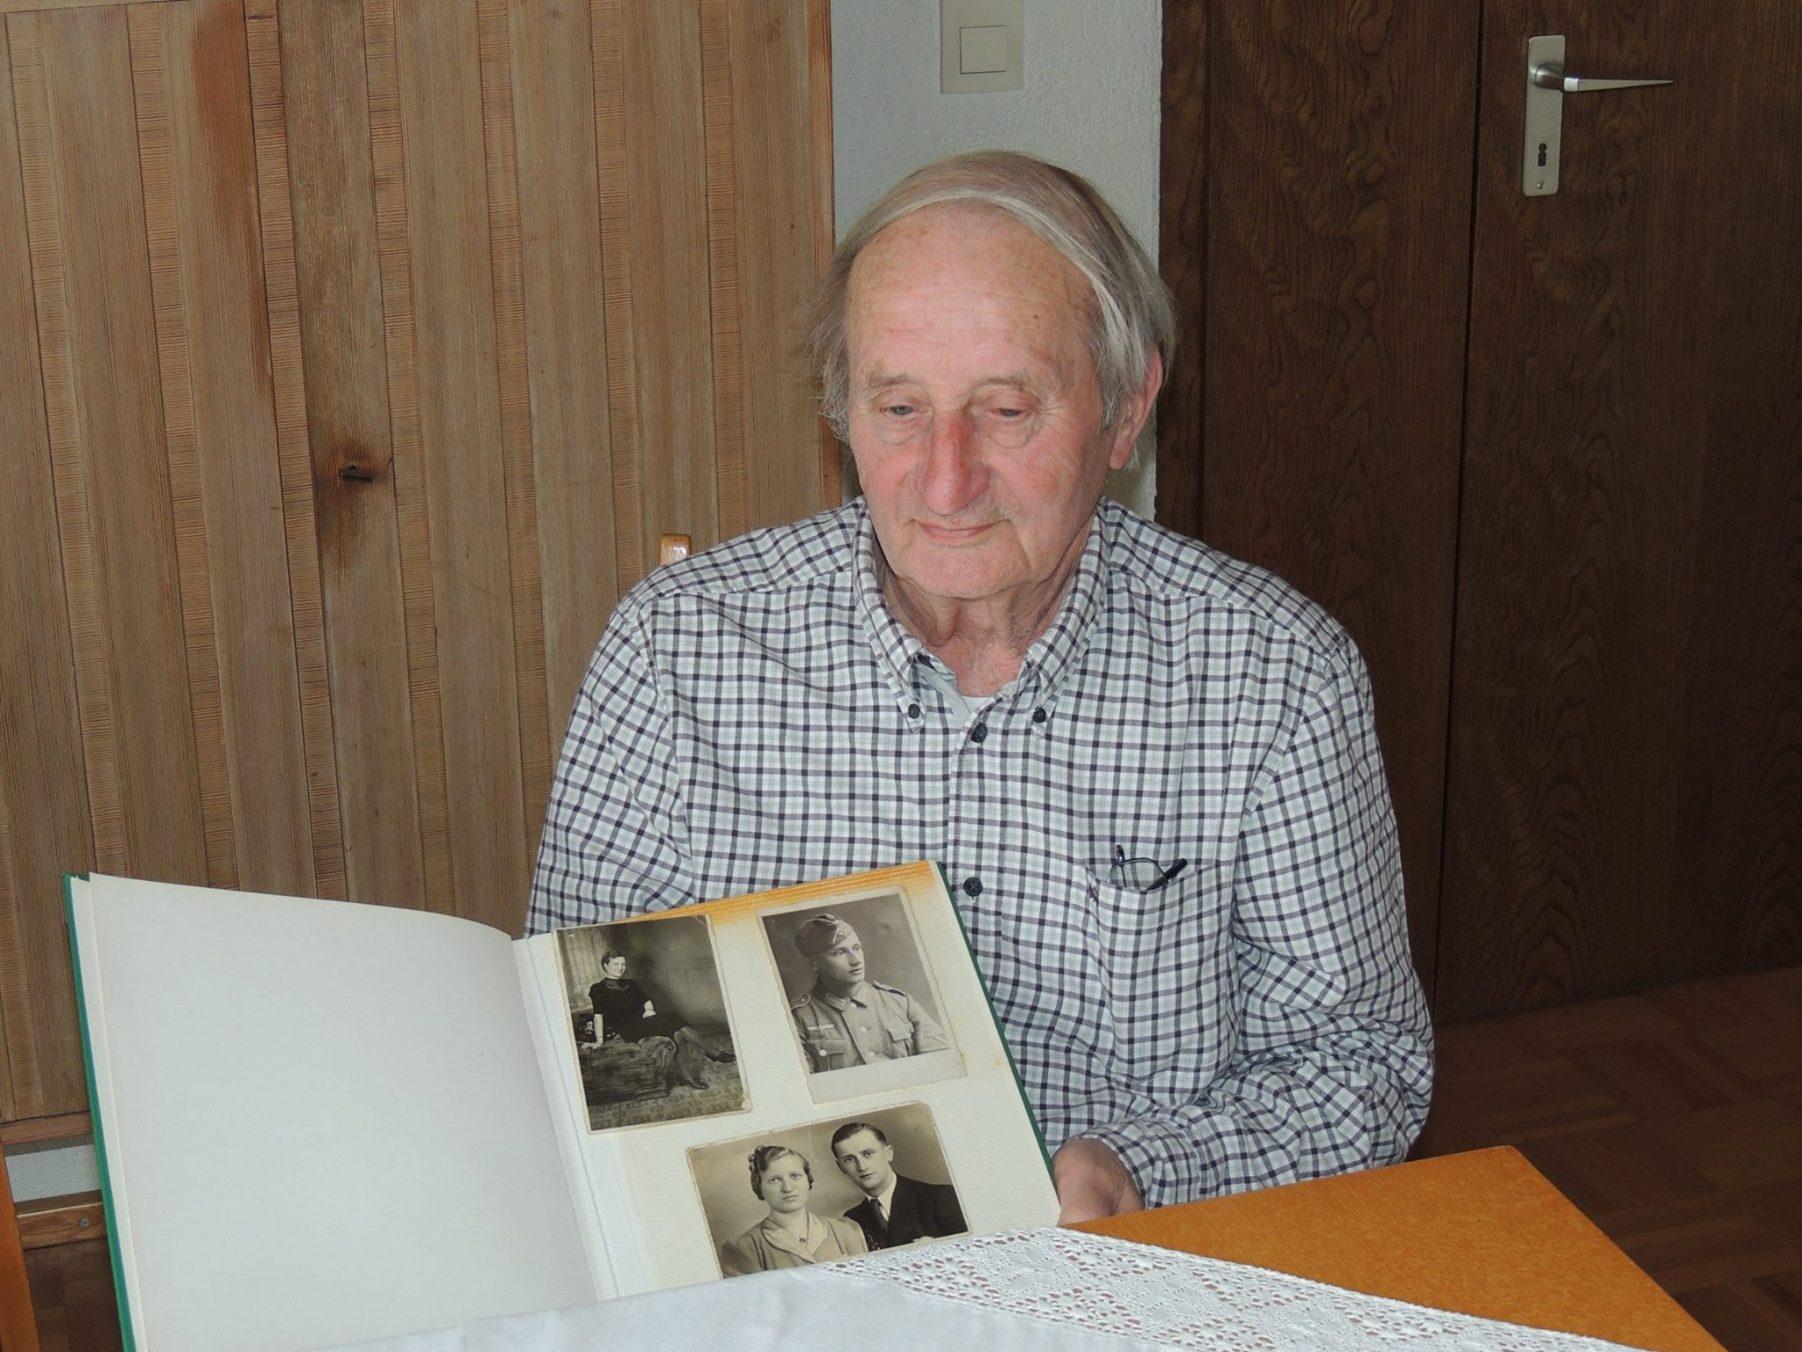 Edgar Klein pokazuje album ze zdjęciami swoich rodziców